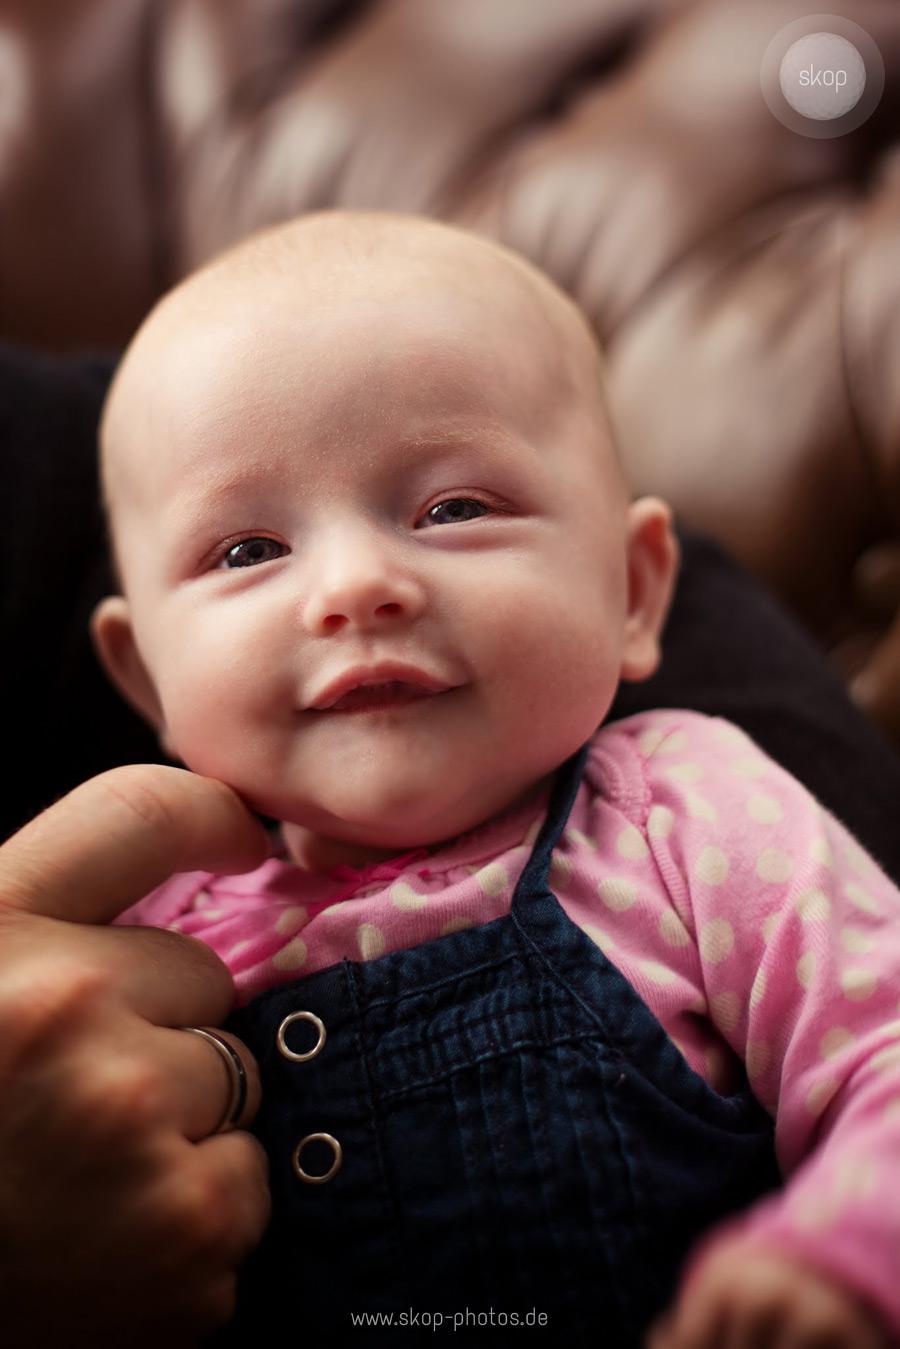 neugeborenenfotos_babyfotos_hochzeit_fotograf_muenchen_guenstig_nach_hause.jpg